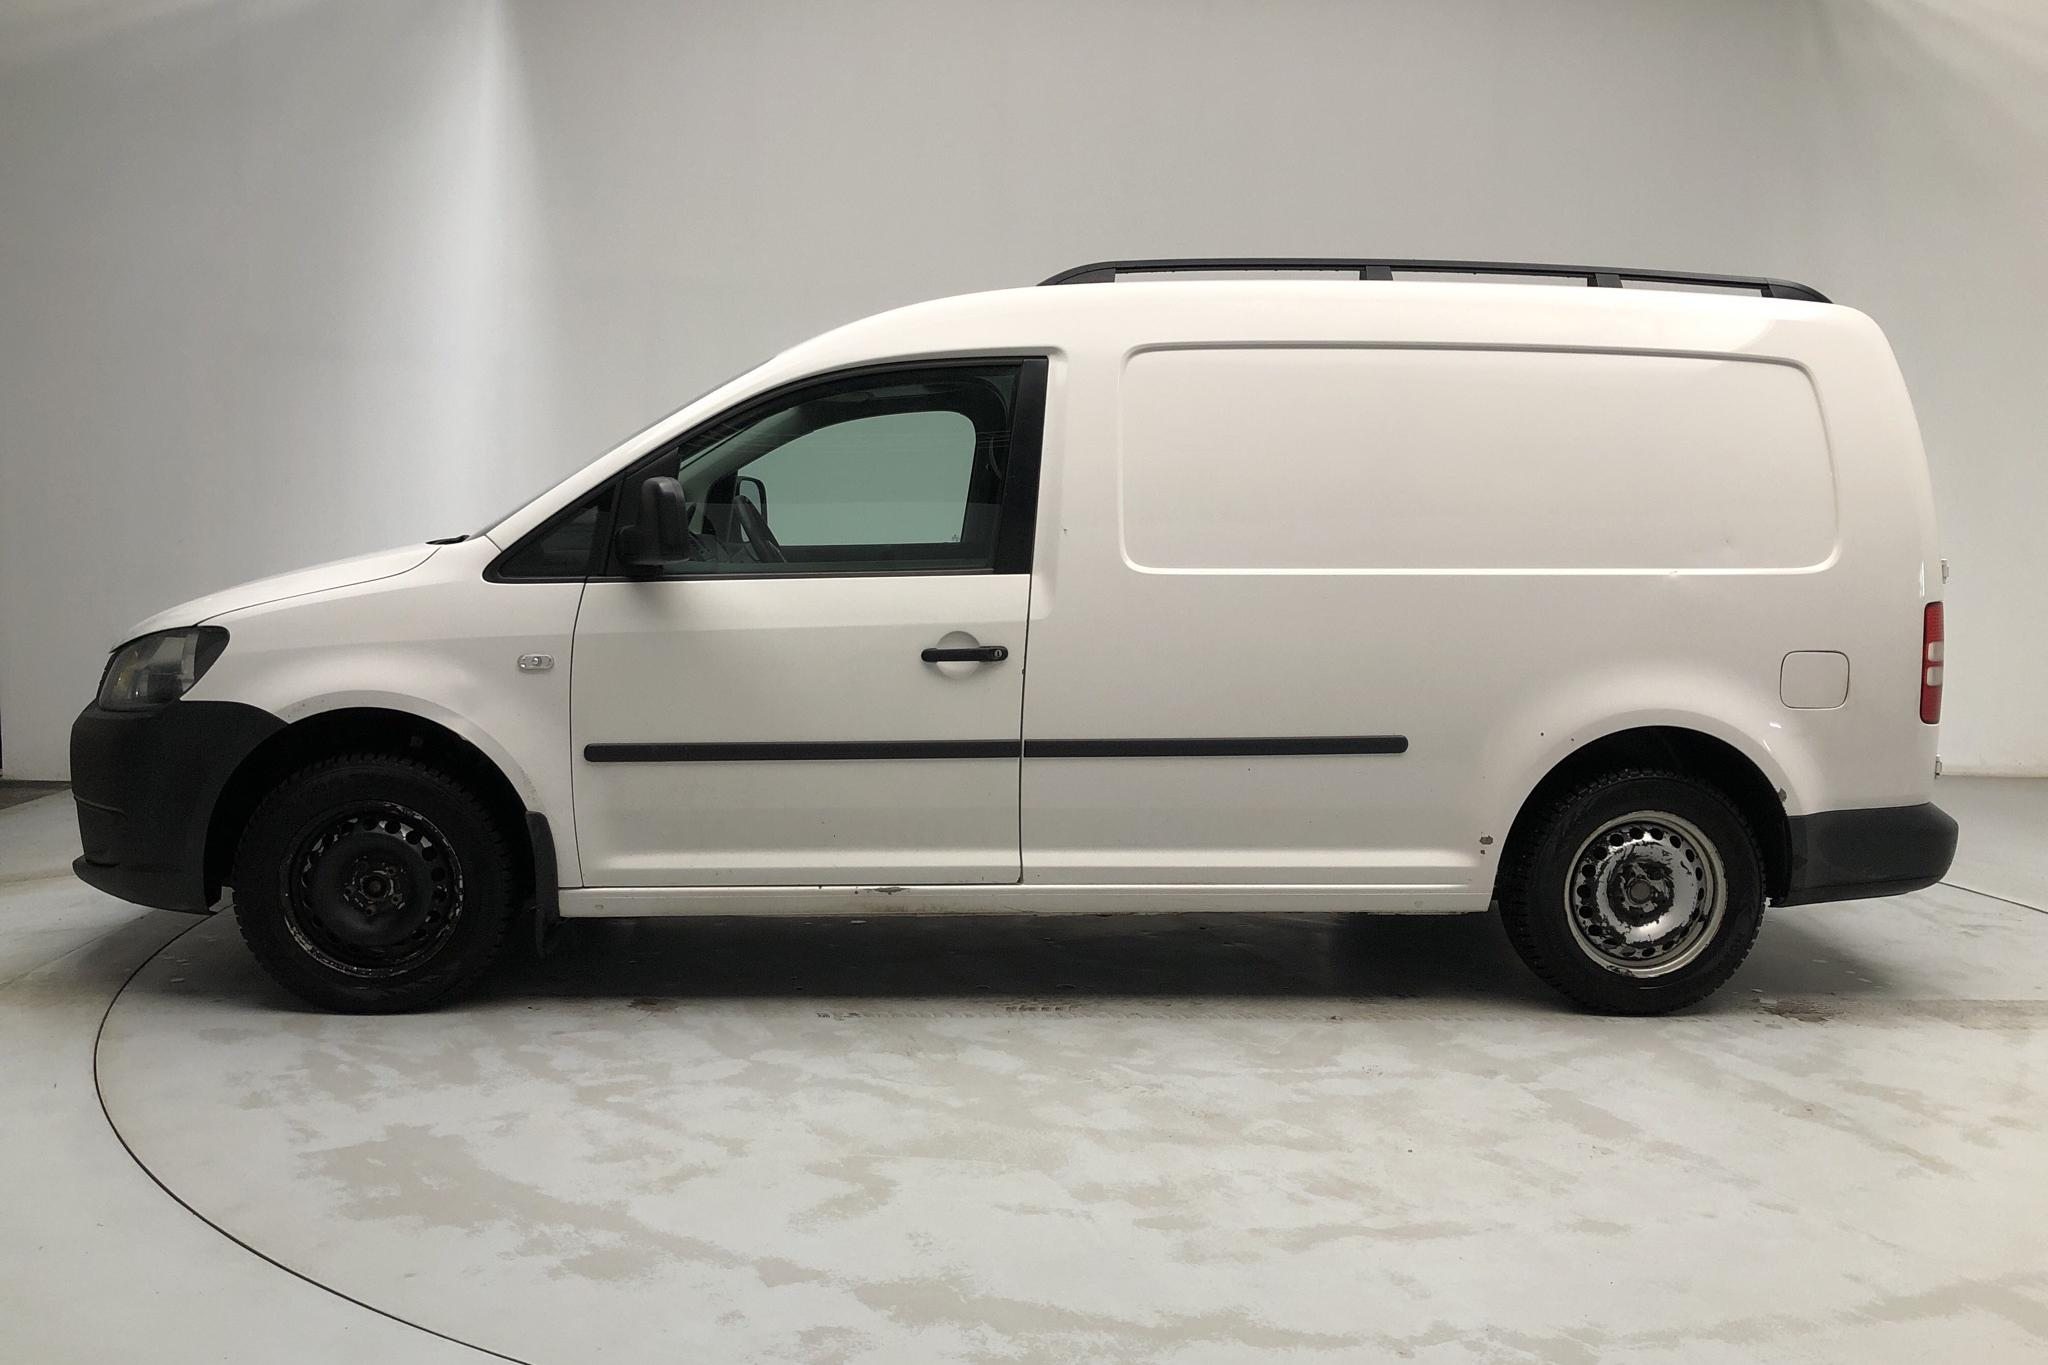 VW Caddy 1.6 TDI Maxi Skåp (102hk) - 186 230 km - Manual - white - 2013